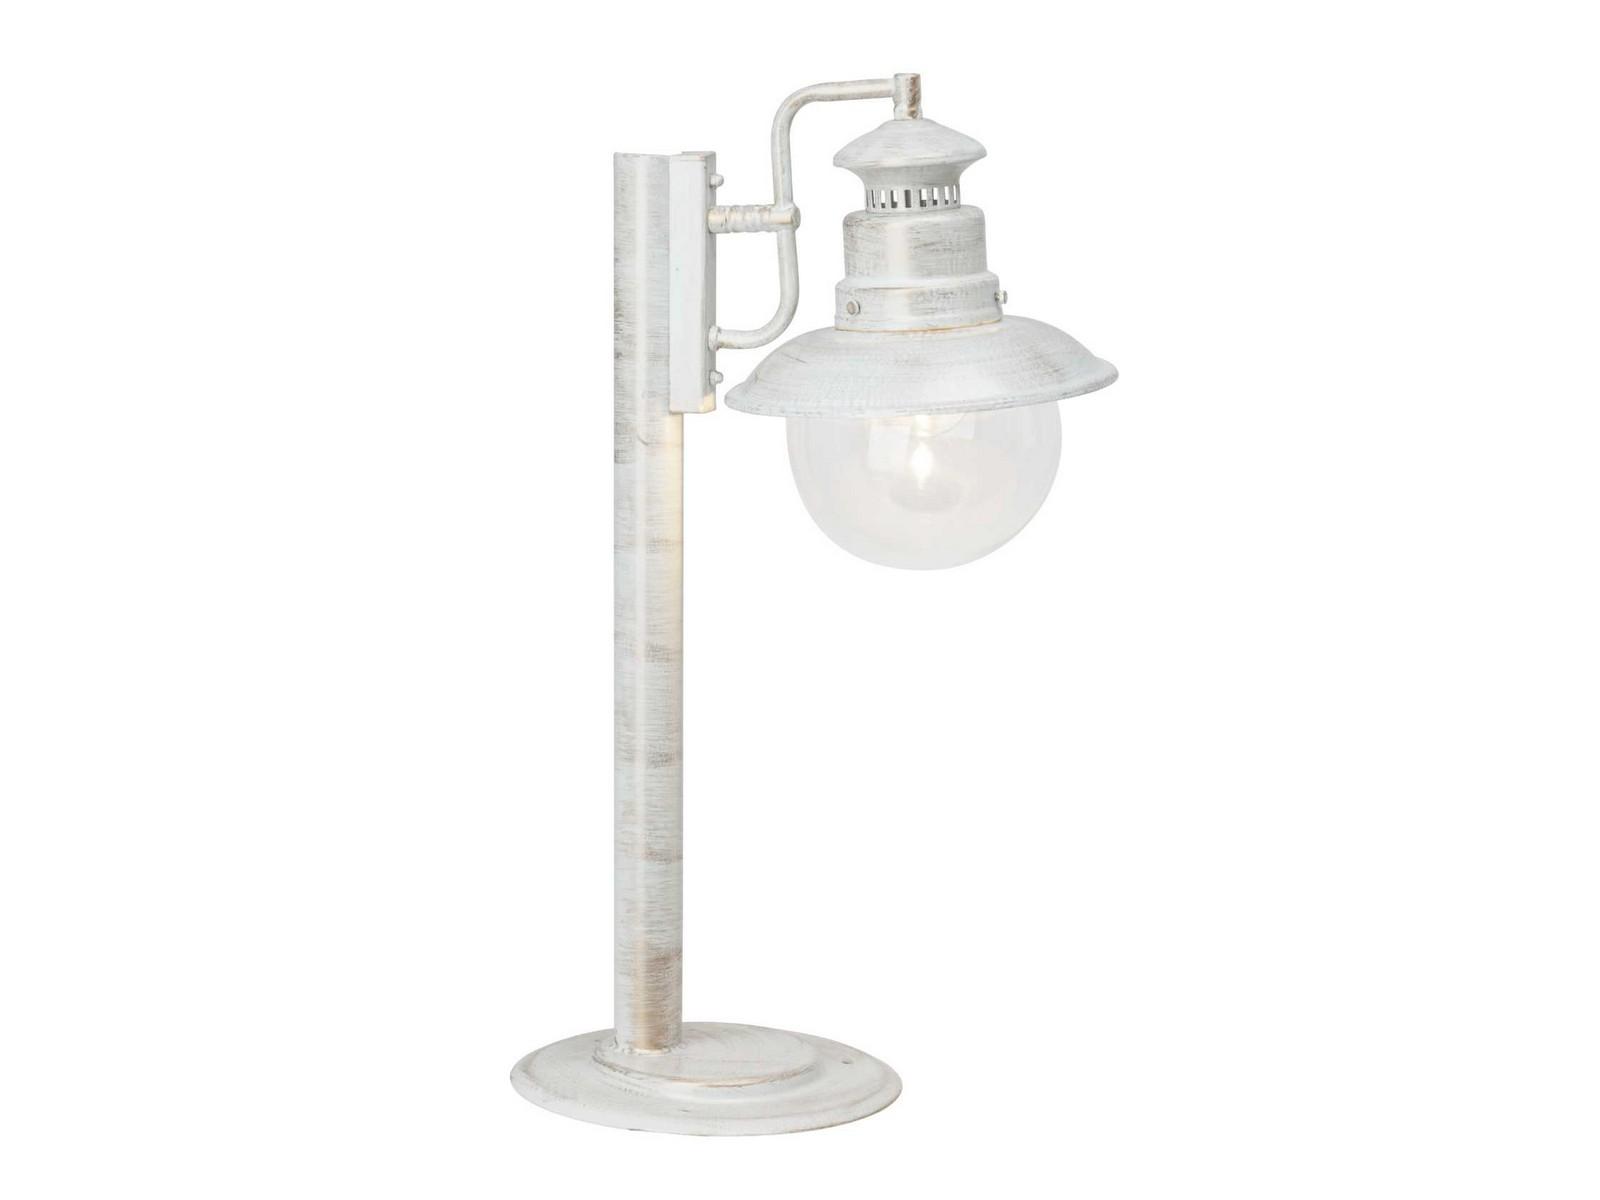 Светильник уличный ARTUУличные наземные светильники<br>Вид цоколя: Е27Мощность лампы: 60WКоличество ламп: 1Наличие ламп: нет<br><br>kit: None<br>gender: None